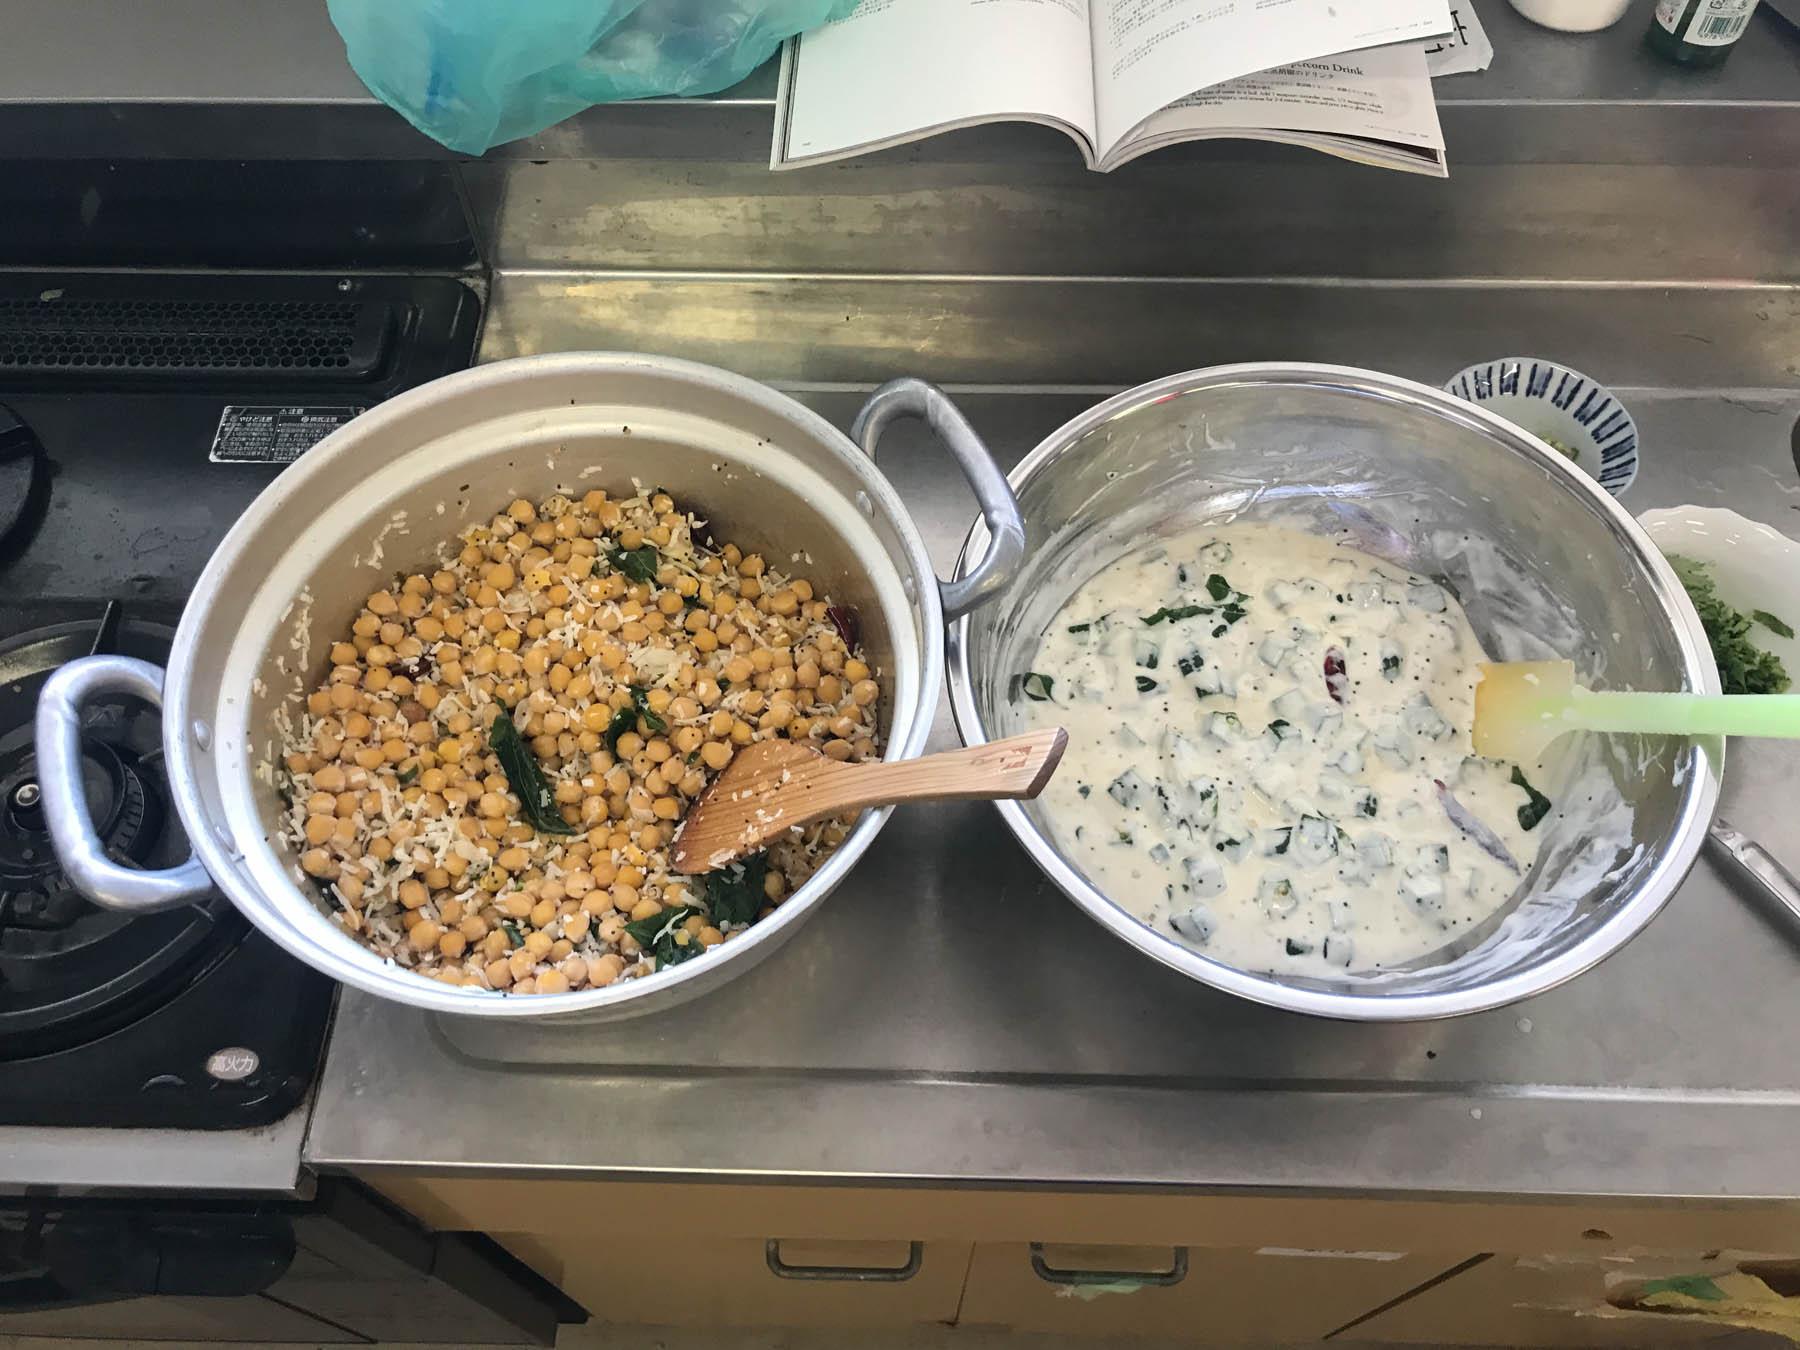 第26回印度料理研究会ミールス タイールパチャリとチャナスンダル